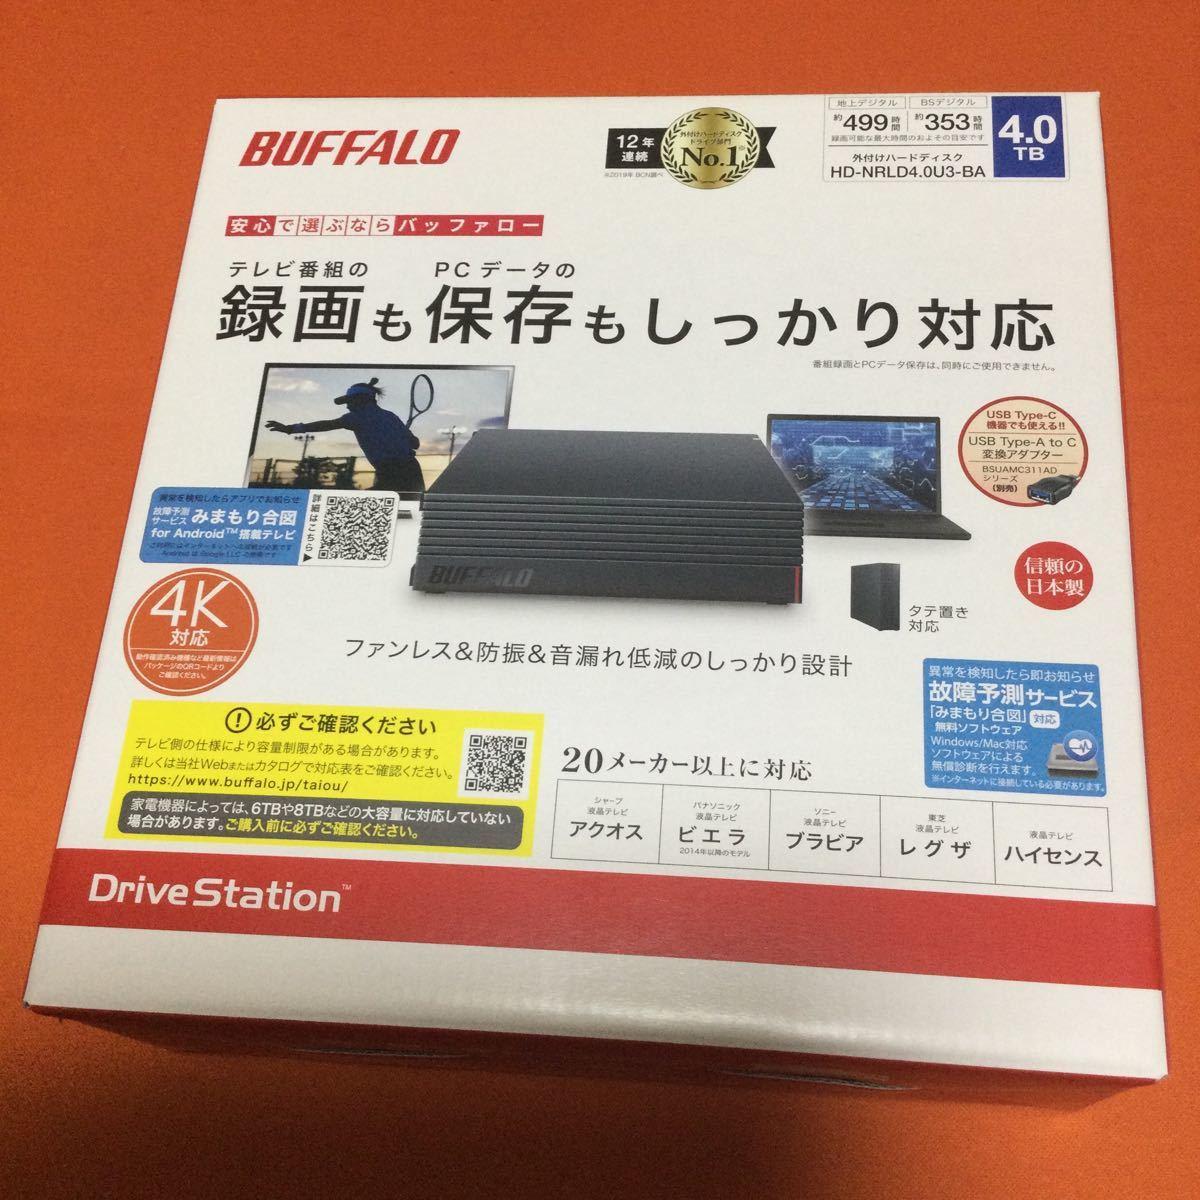 新品 バッファロー 外付けハードディスク 4TB HD-NRLD4.0U3-BA BUFFALO テレビ録画